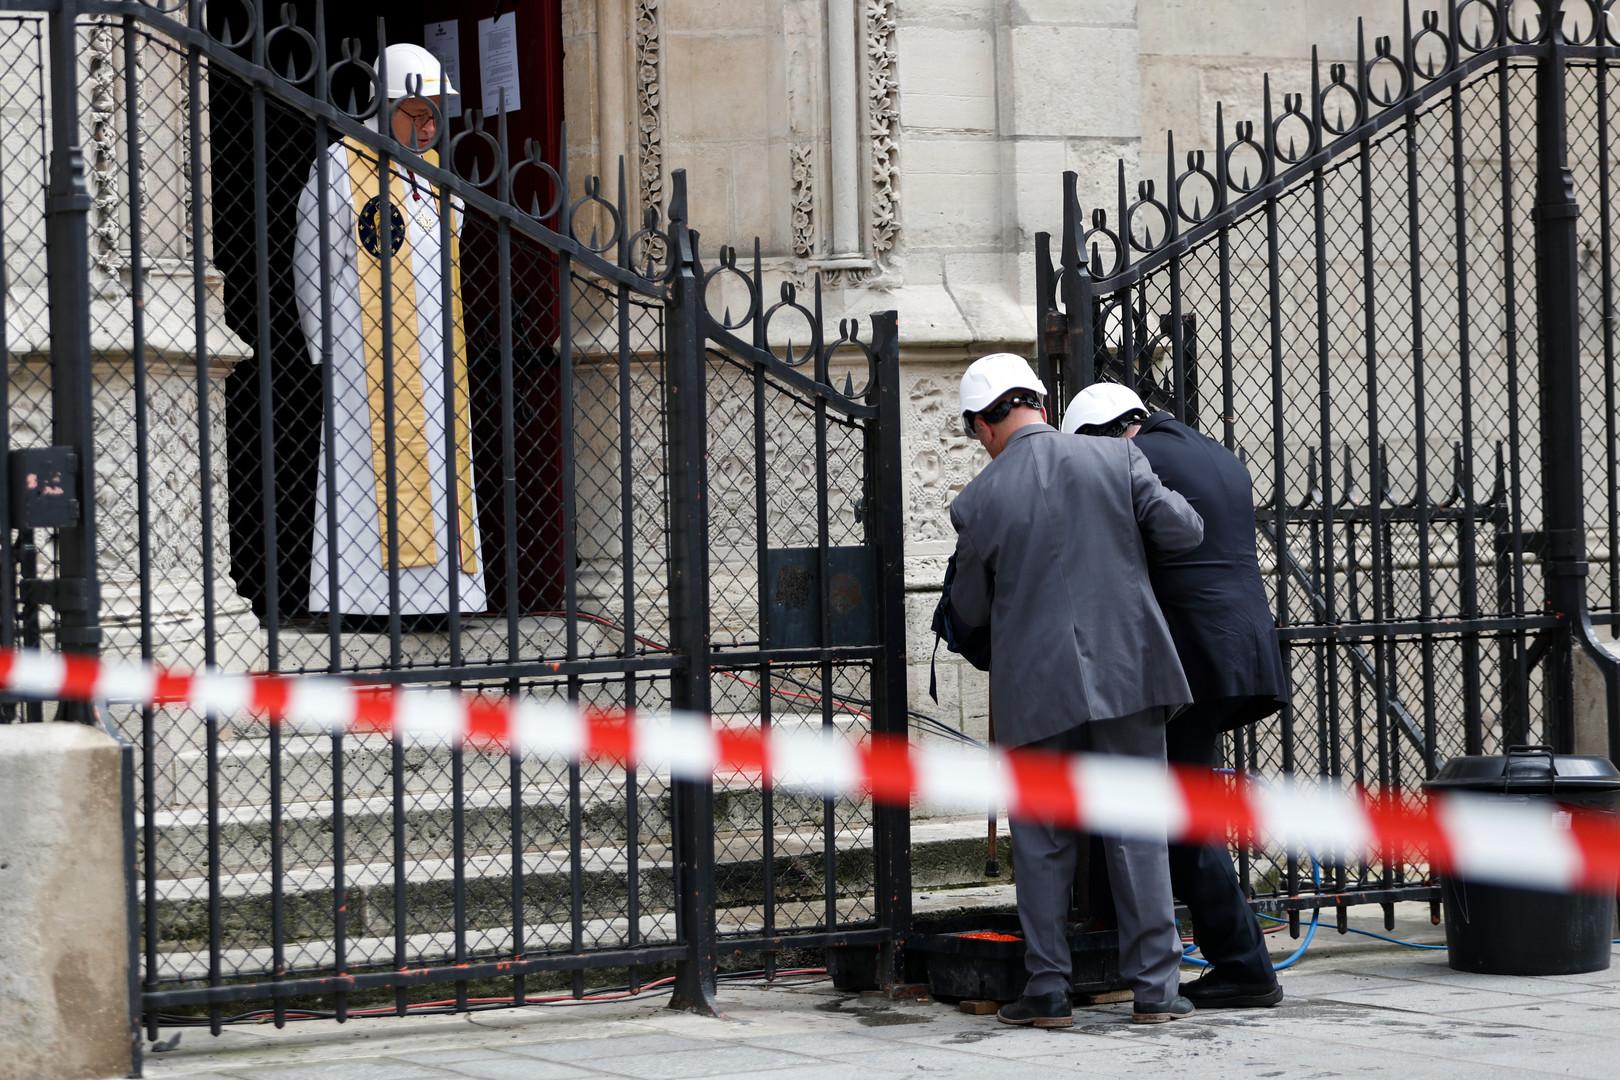 Aubes et casques de chantier : la première messe depuis l'incendie célébrée à Notre-Dame (IMAGES)